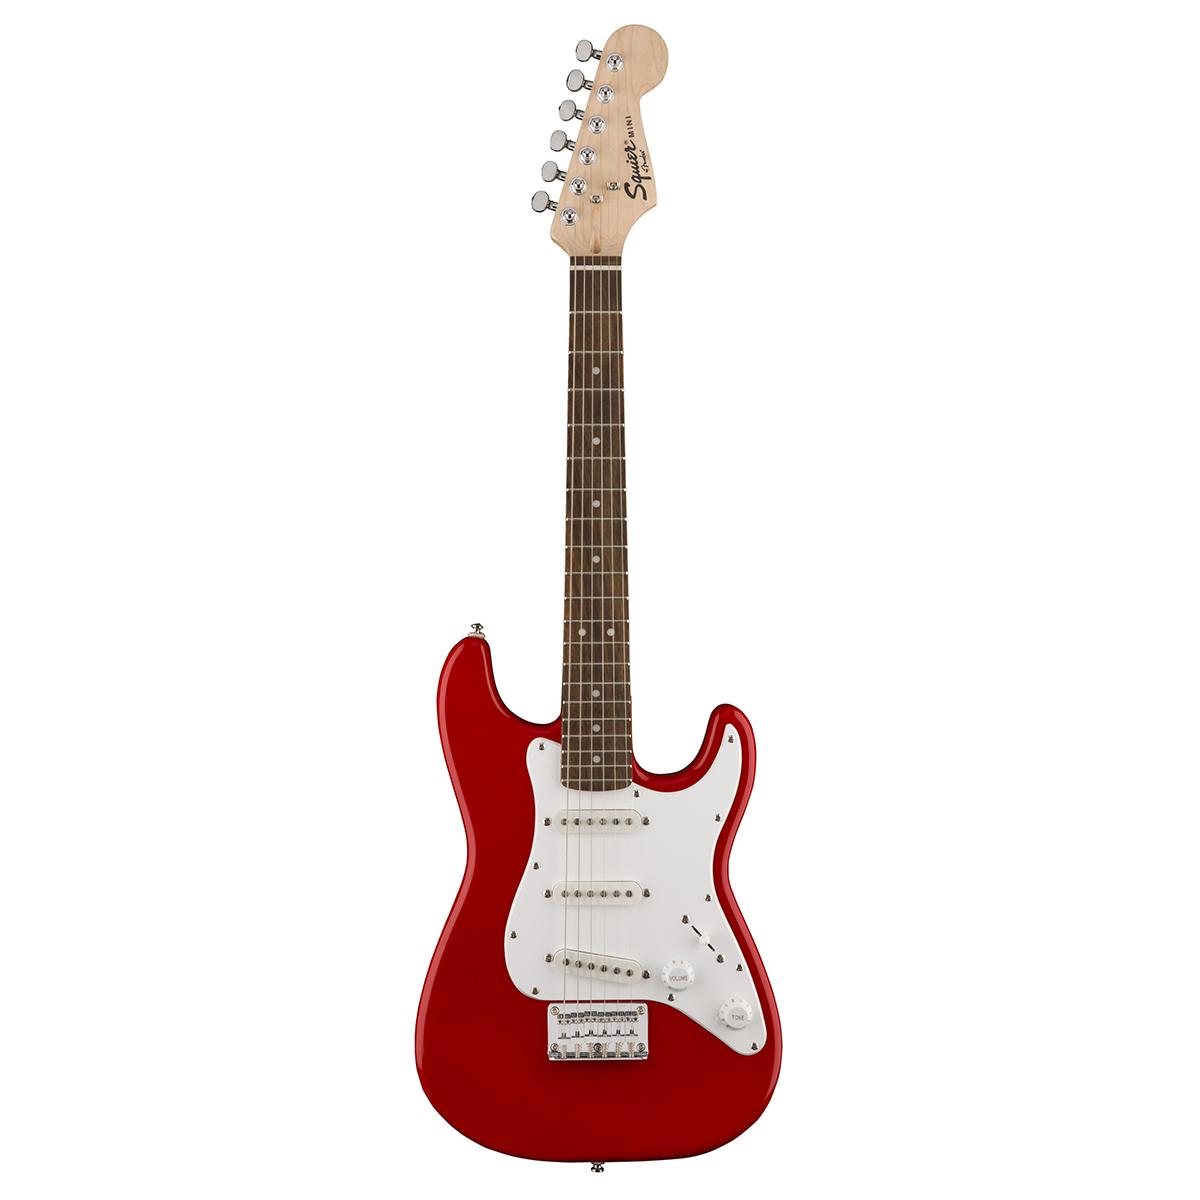 Fender - Squier Mini Strat® torino rouge - Guitare électrique